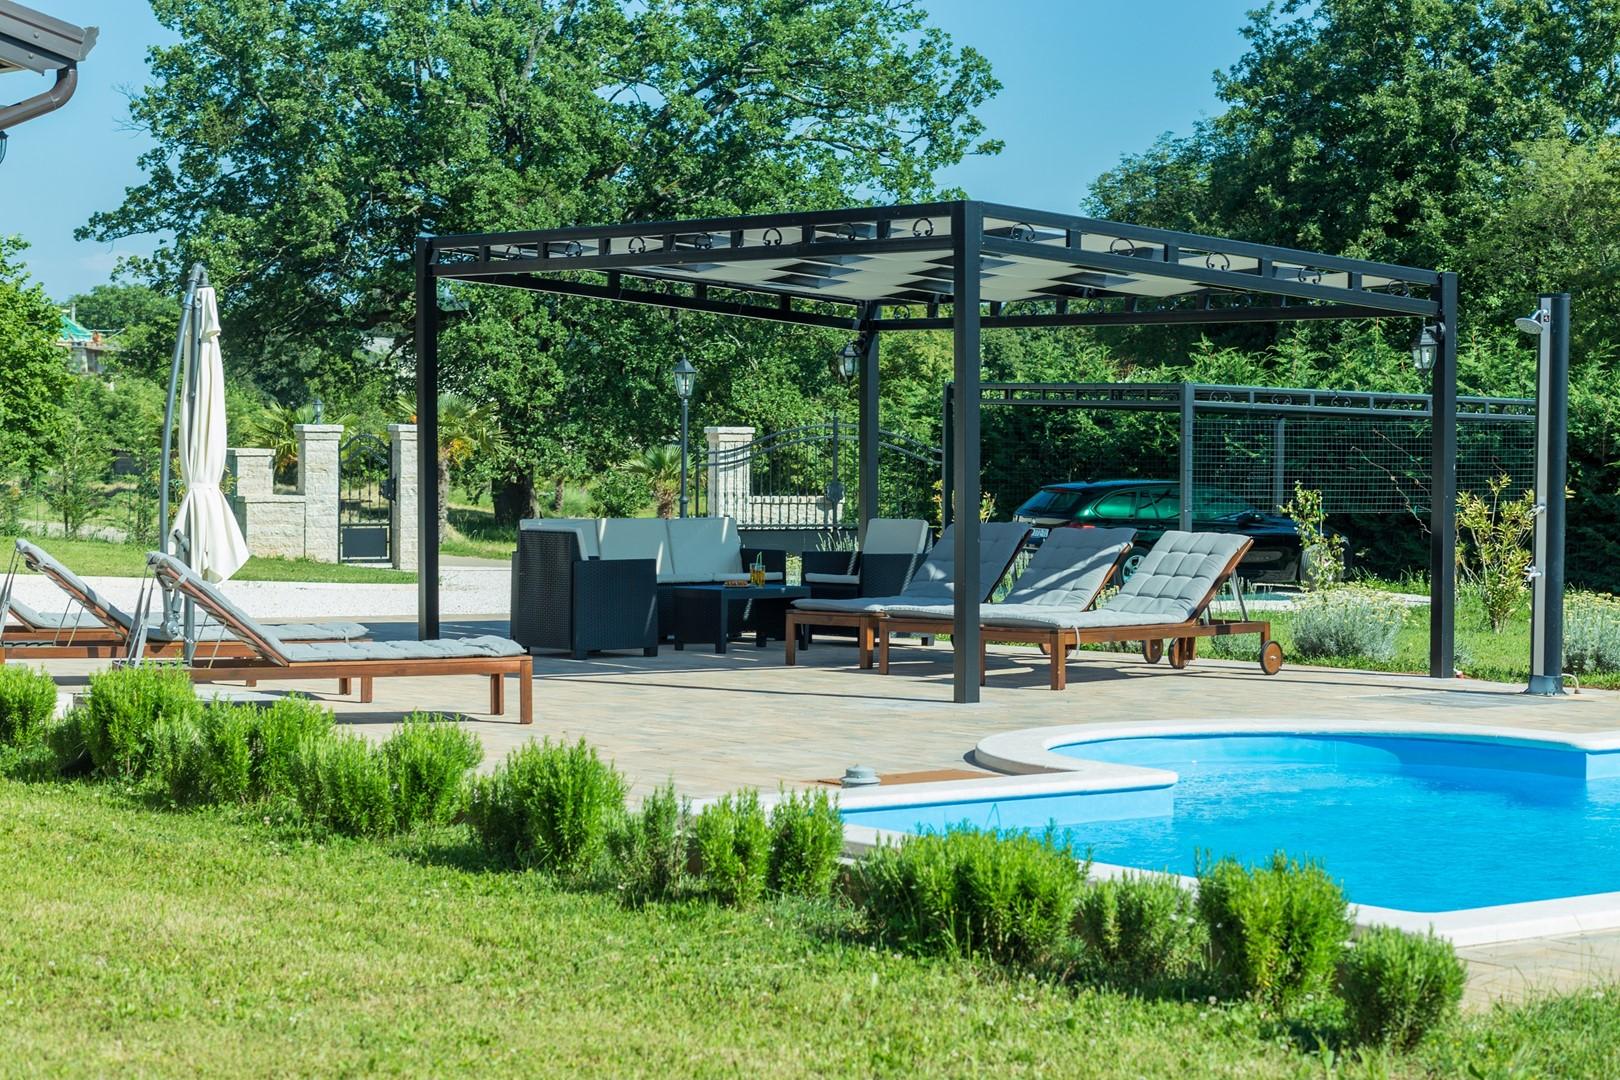 Ferienhaus Villa Elida mit Pool in abgelegene Lage - Zentral-Istrien (2789996), Pazin, , Istrien, Kroatien, Bild 3